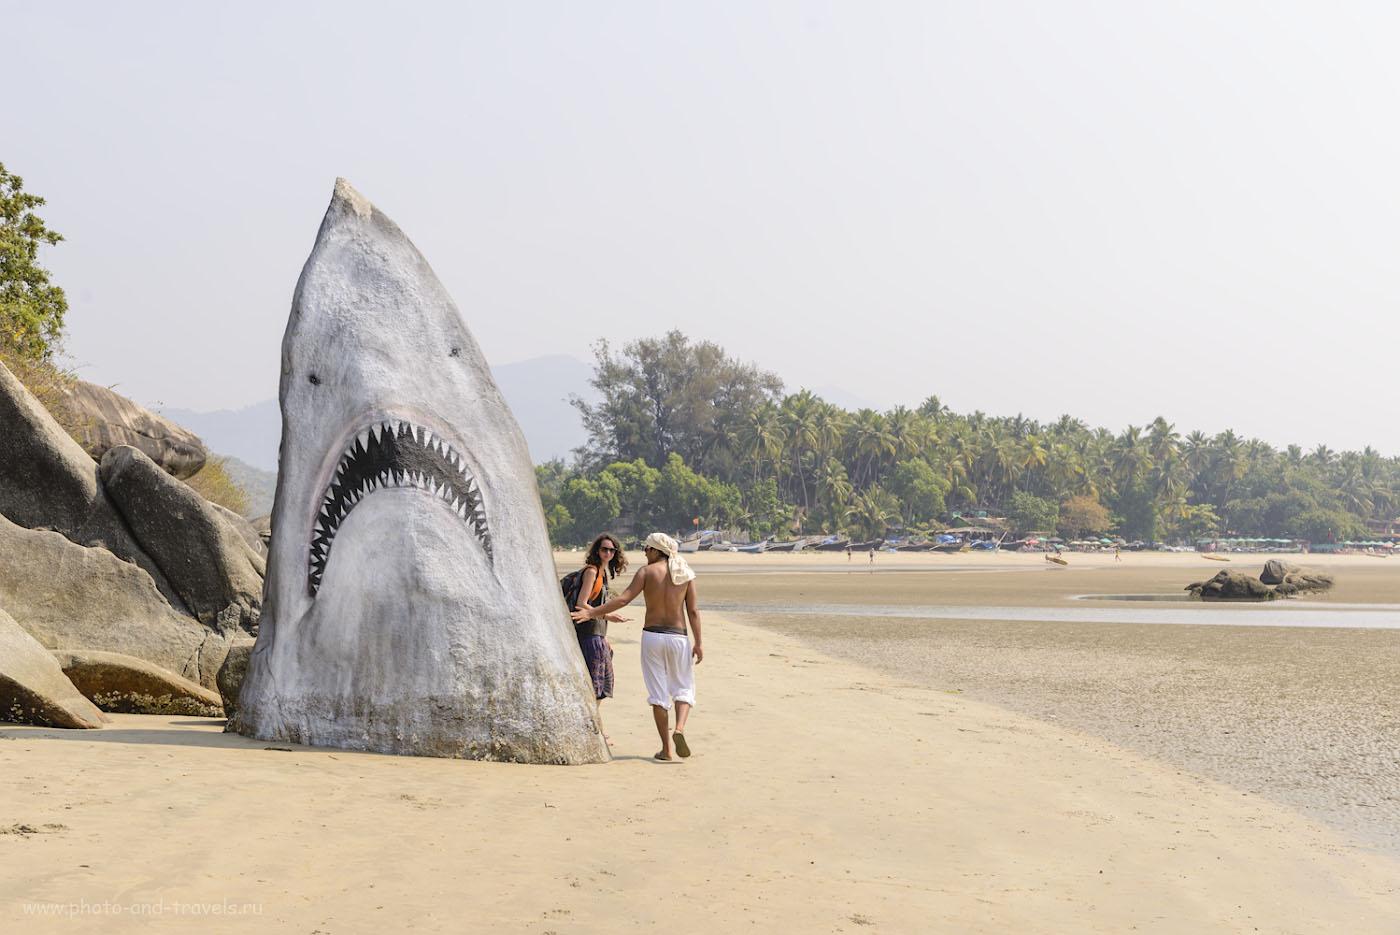 Фотография 13. Индия. Гоа. Пляж Палолем. Отзыв об отдыхе в марте. 1/250, 0.67, 8.0, 100, 48.